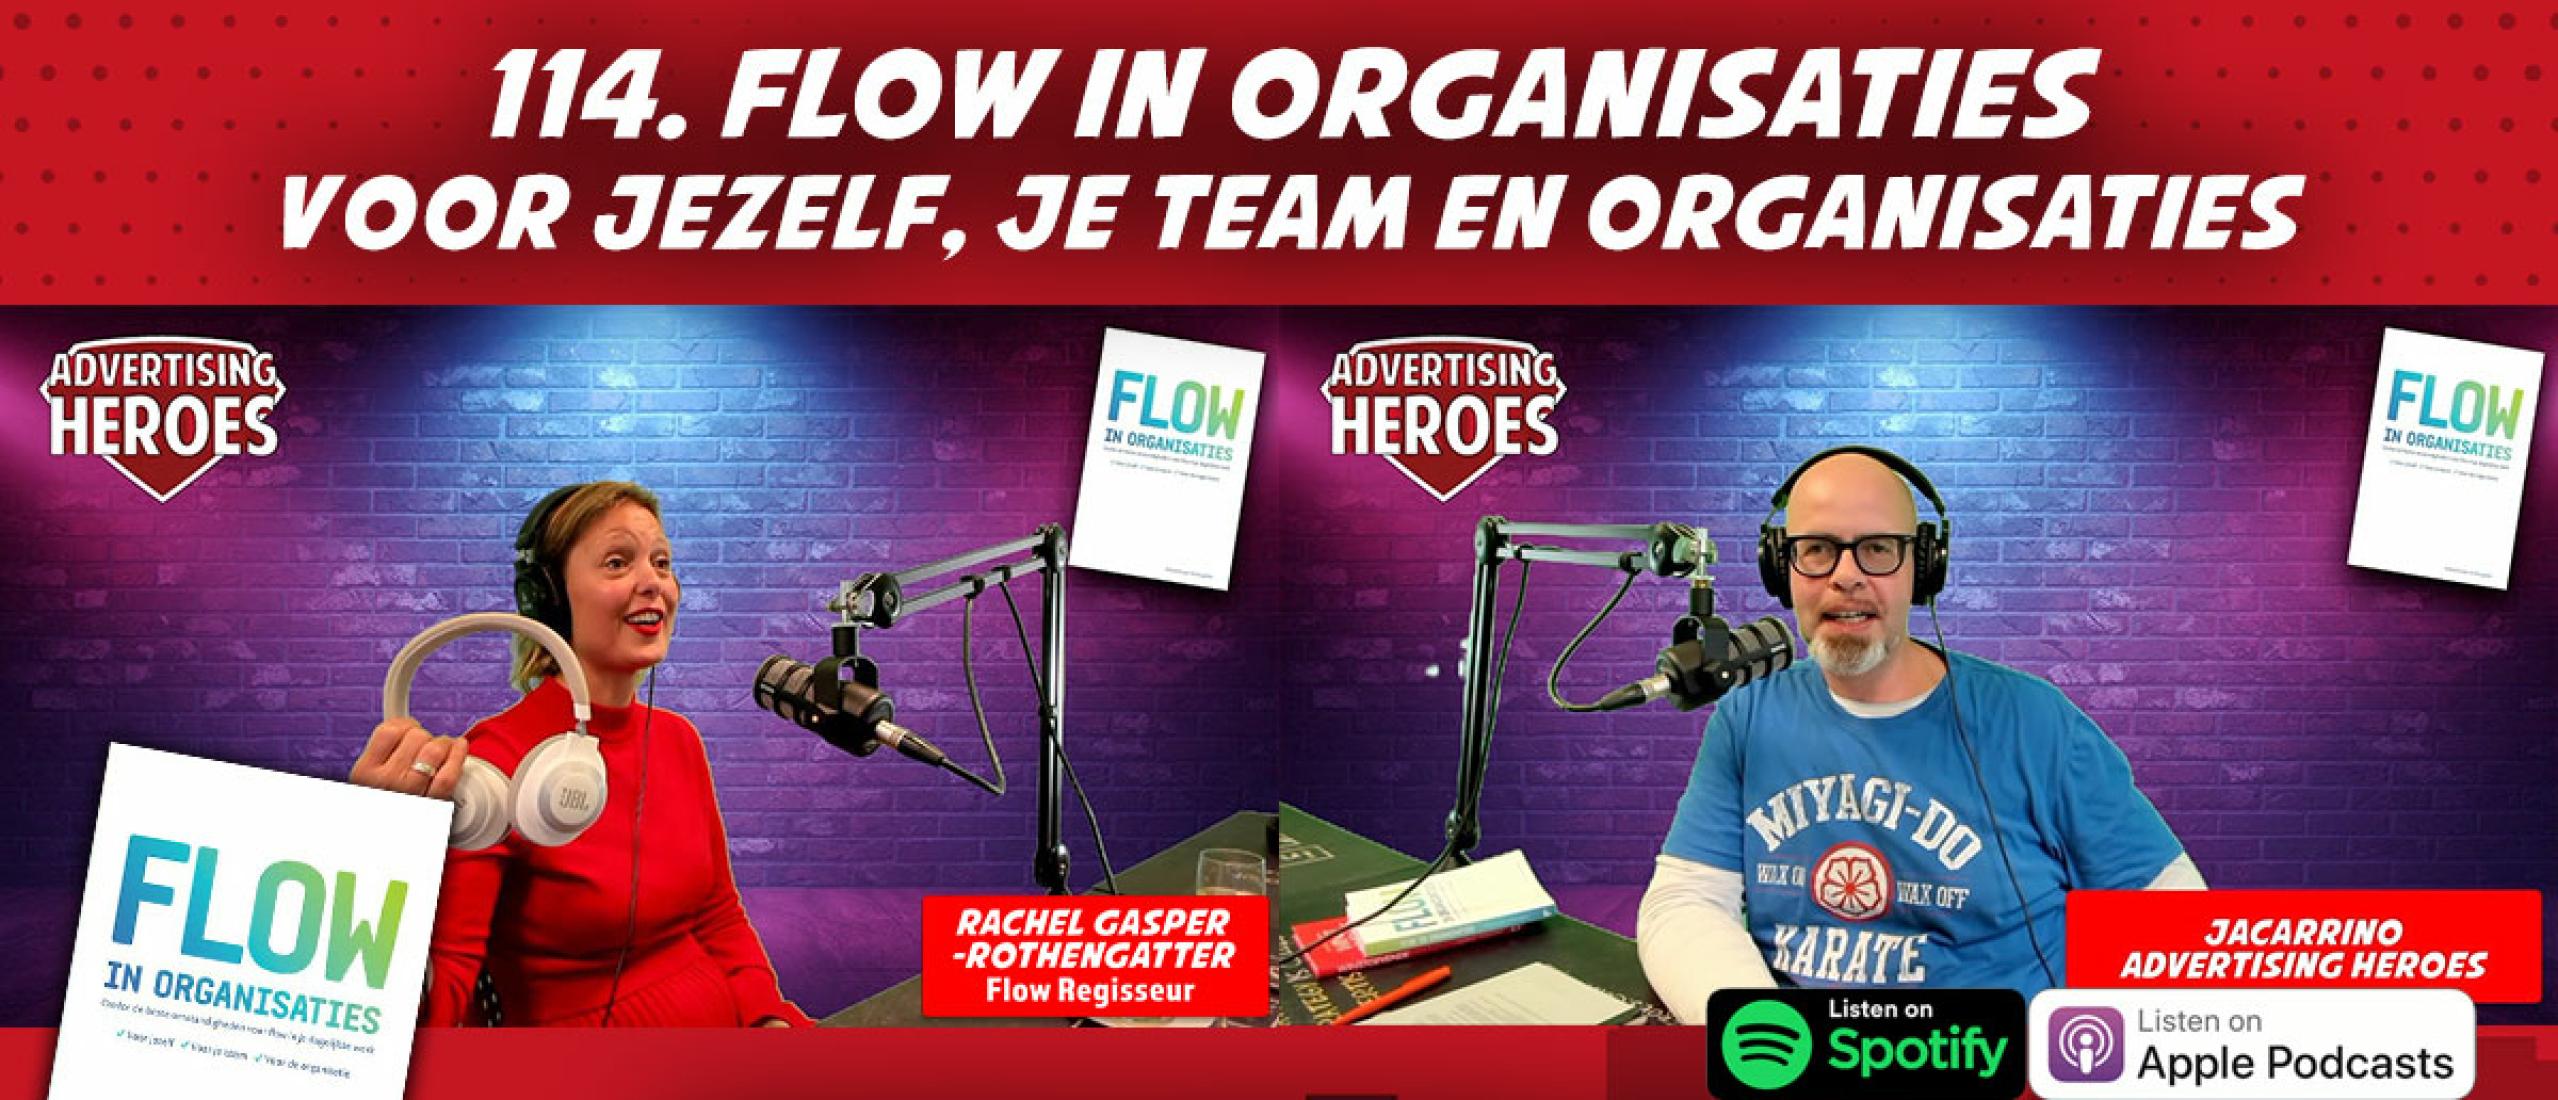 114 Flow in organisaties - Voor jezelf, je team en organisaties. Boekbespreking met auteur Rachel Gasper Rothengatter